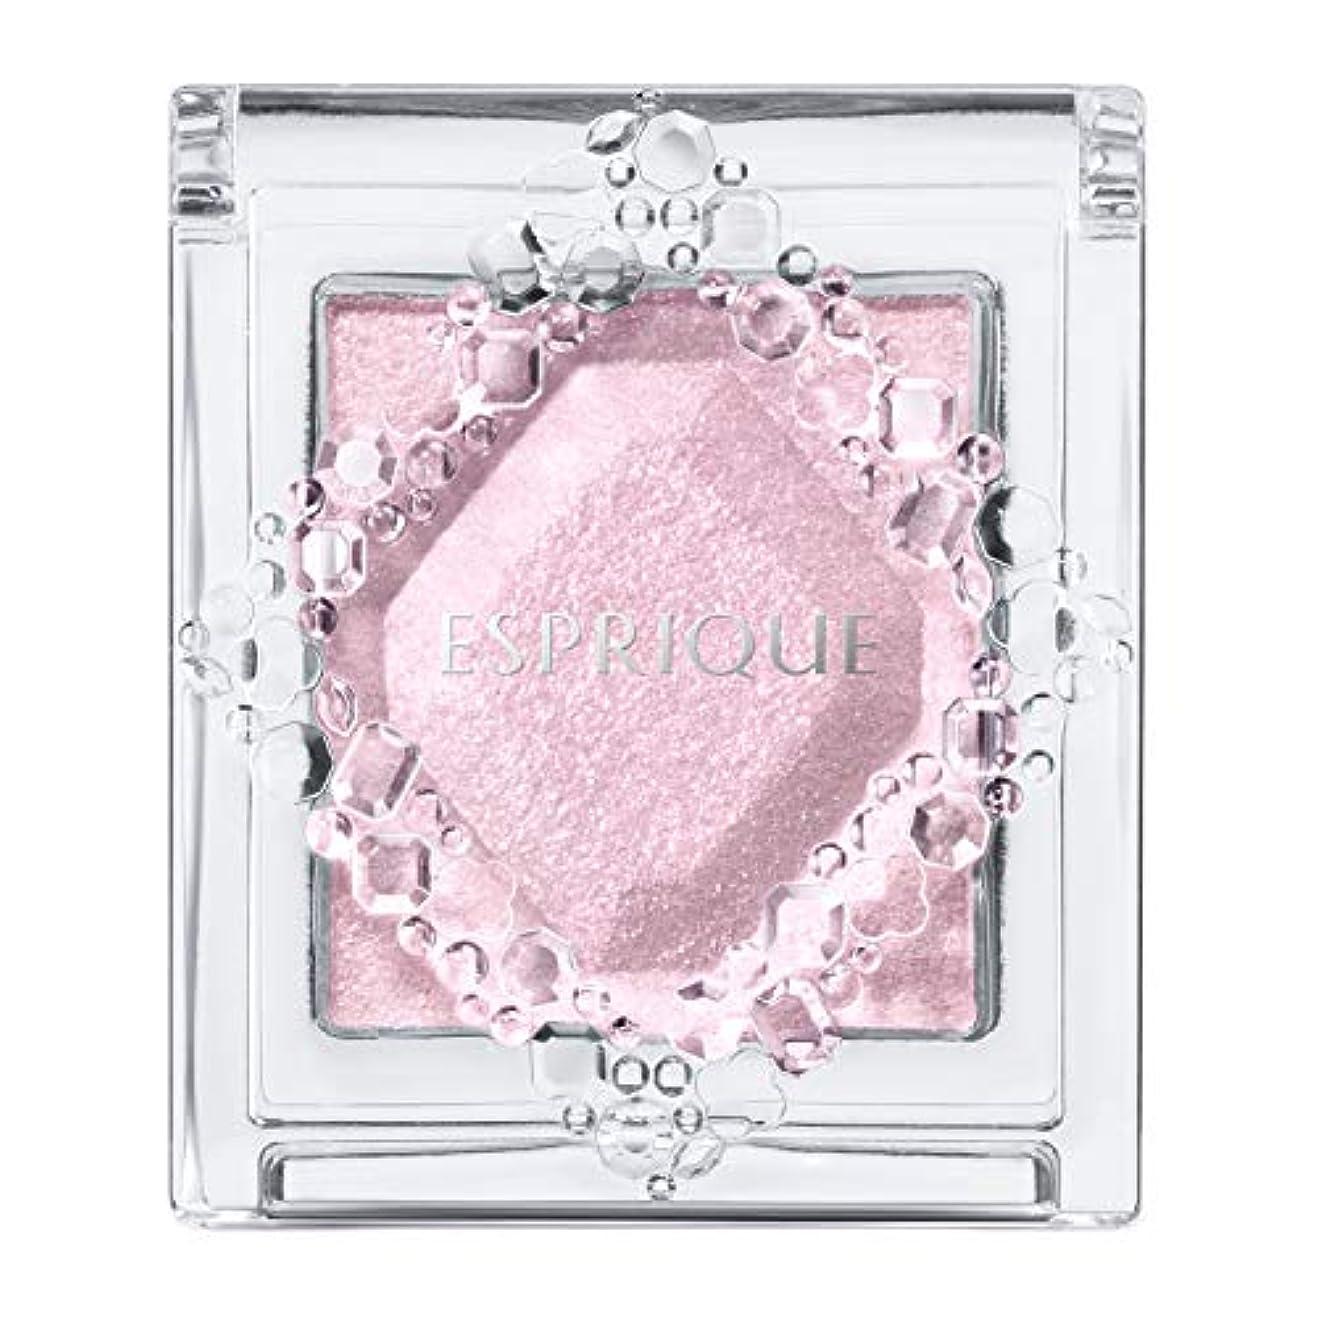 プラスチック床絵エスプリーク セレクト アイカラー PK807 ピンク系 1.5g